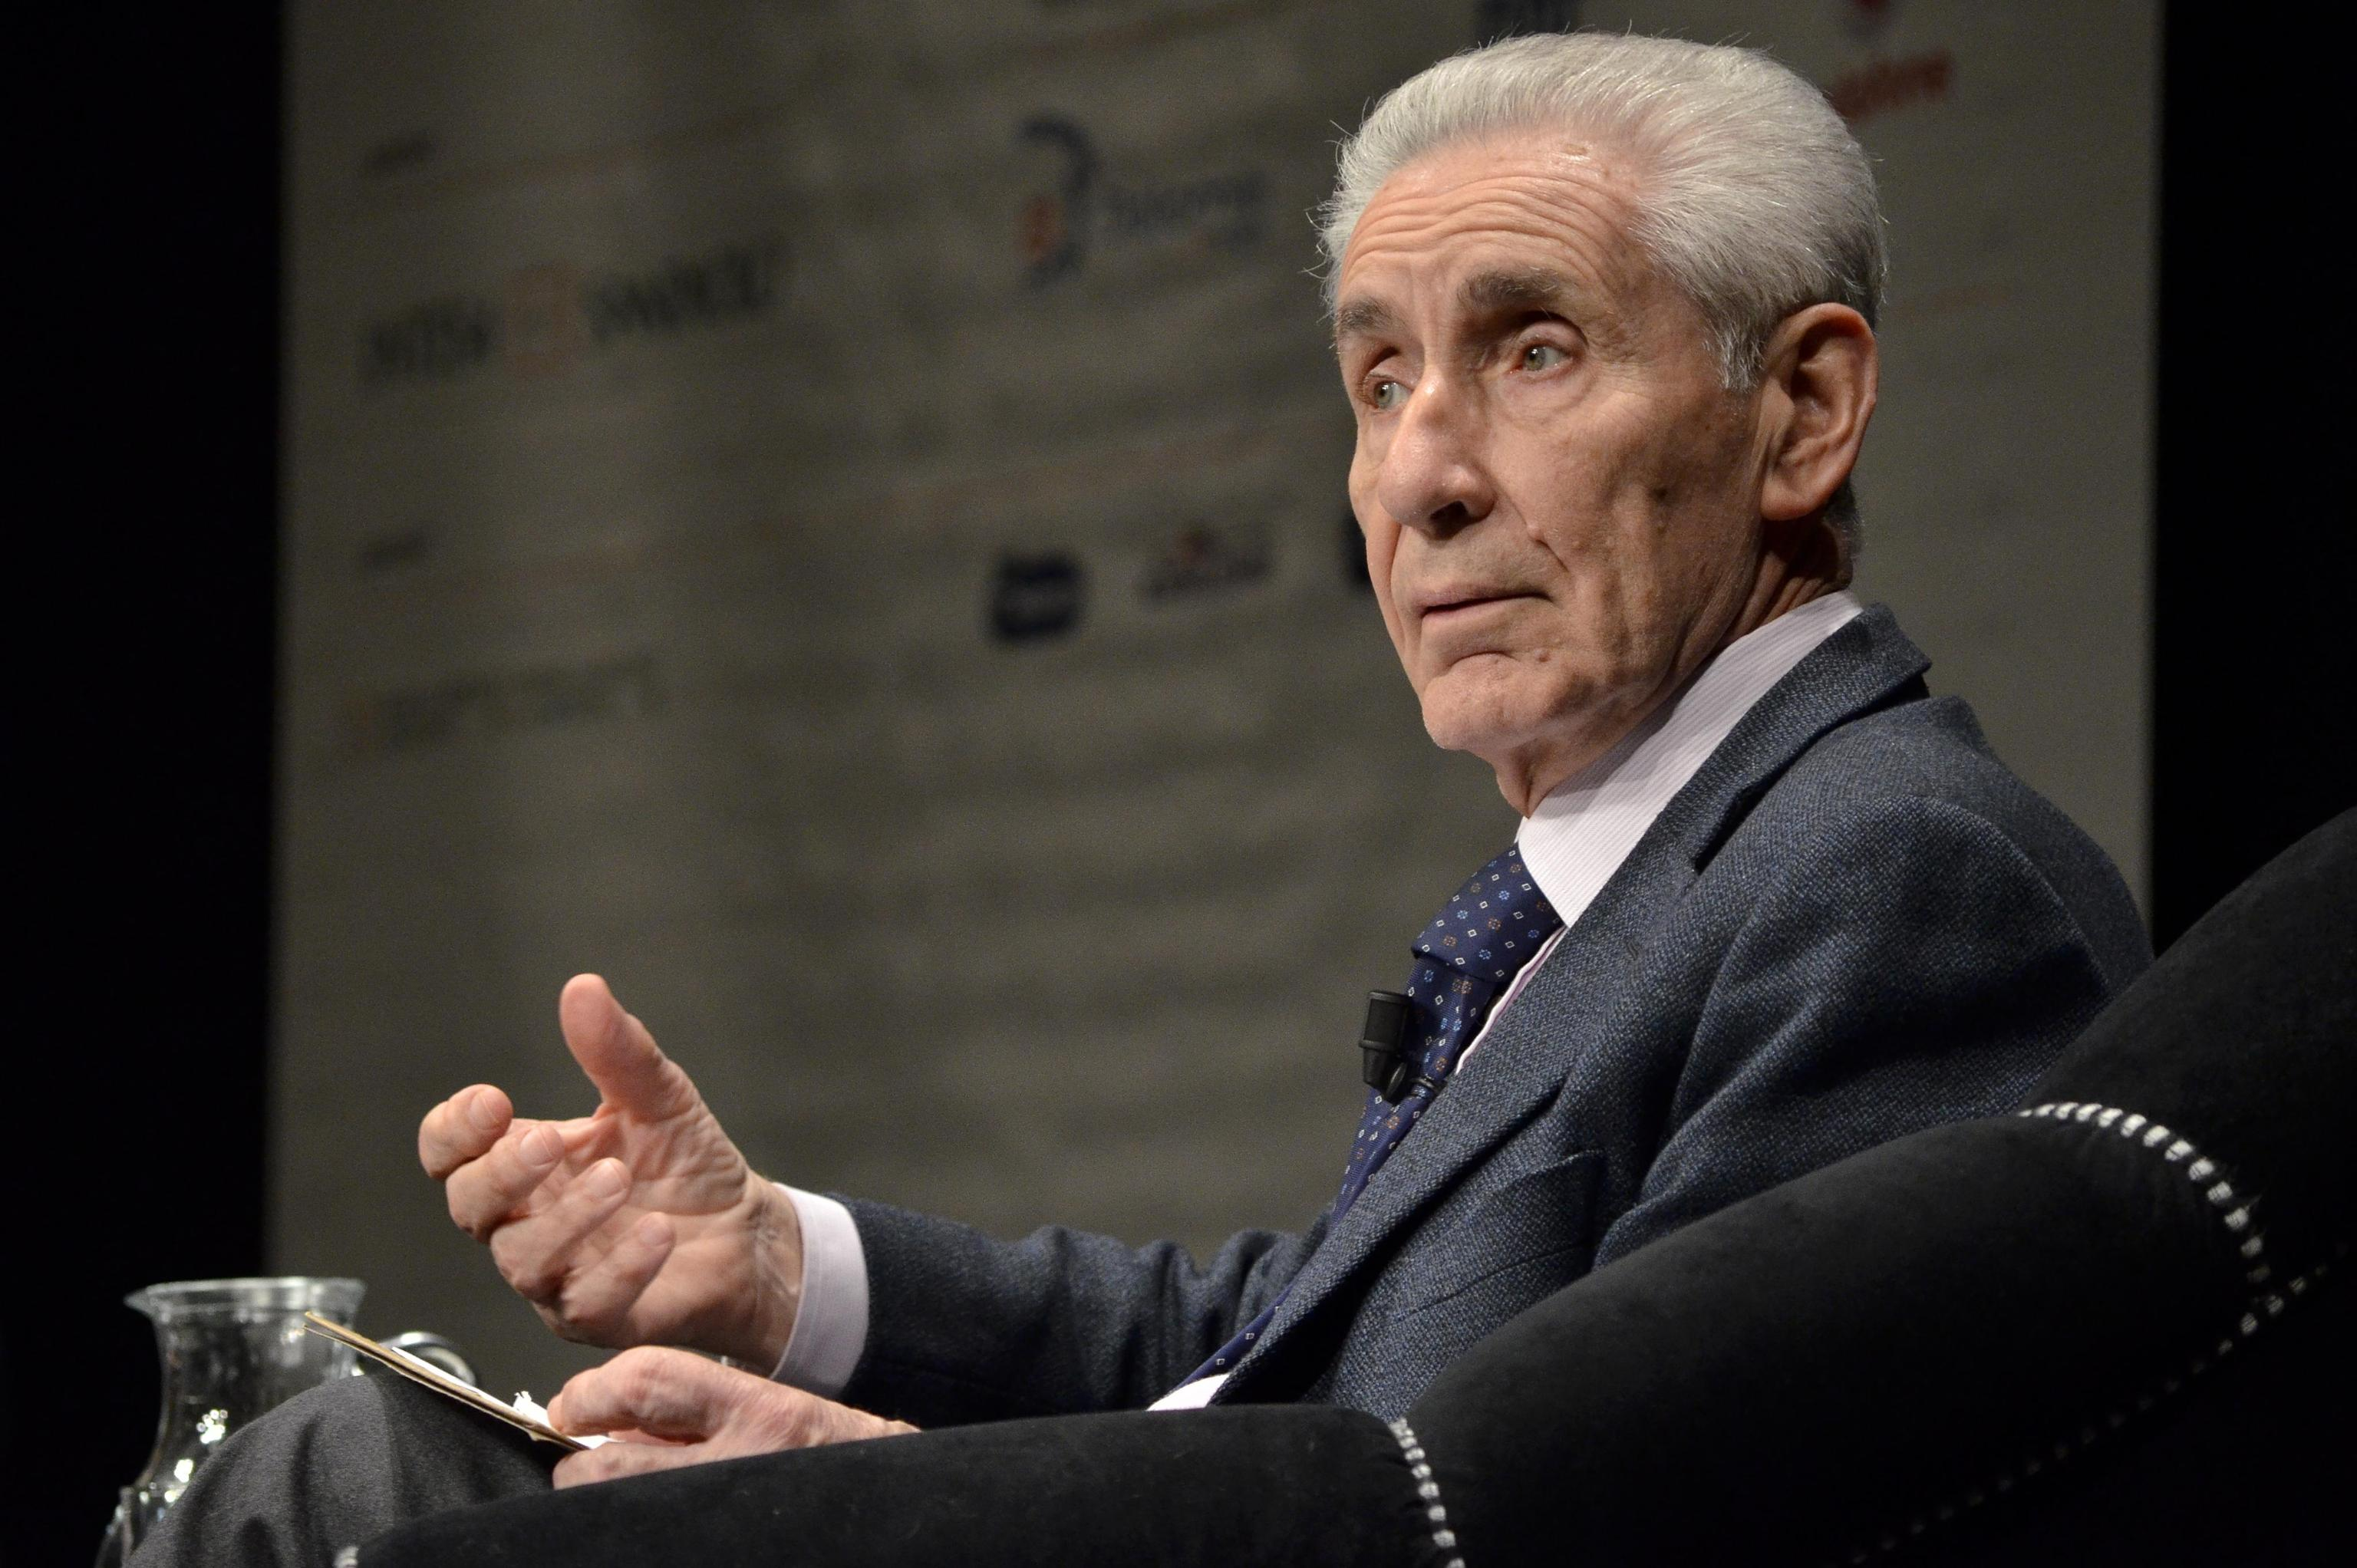 Morto Stefano Rodotà: l'ex parlamentare aveva 84 anni